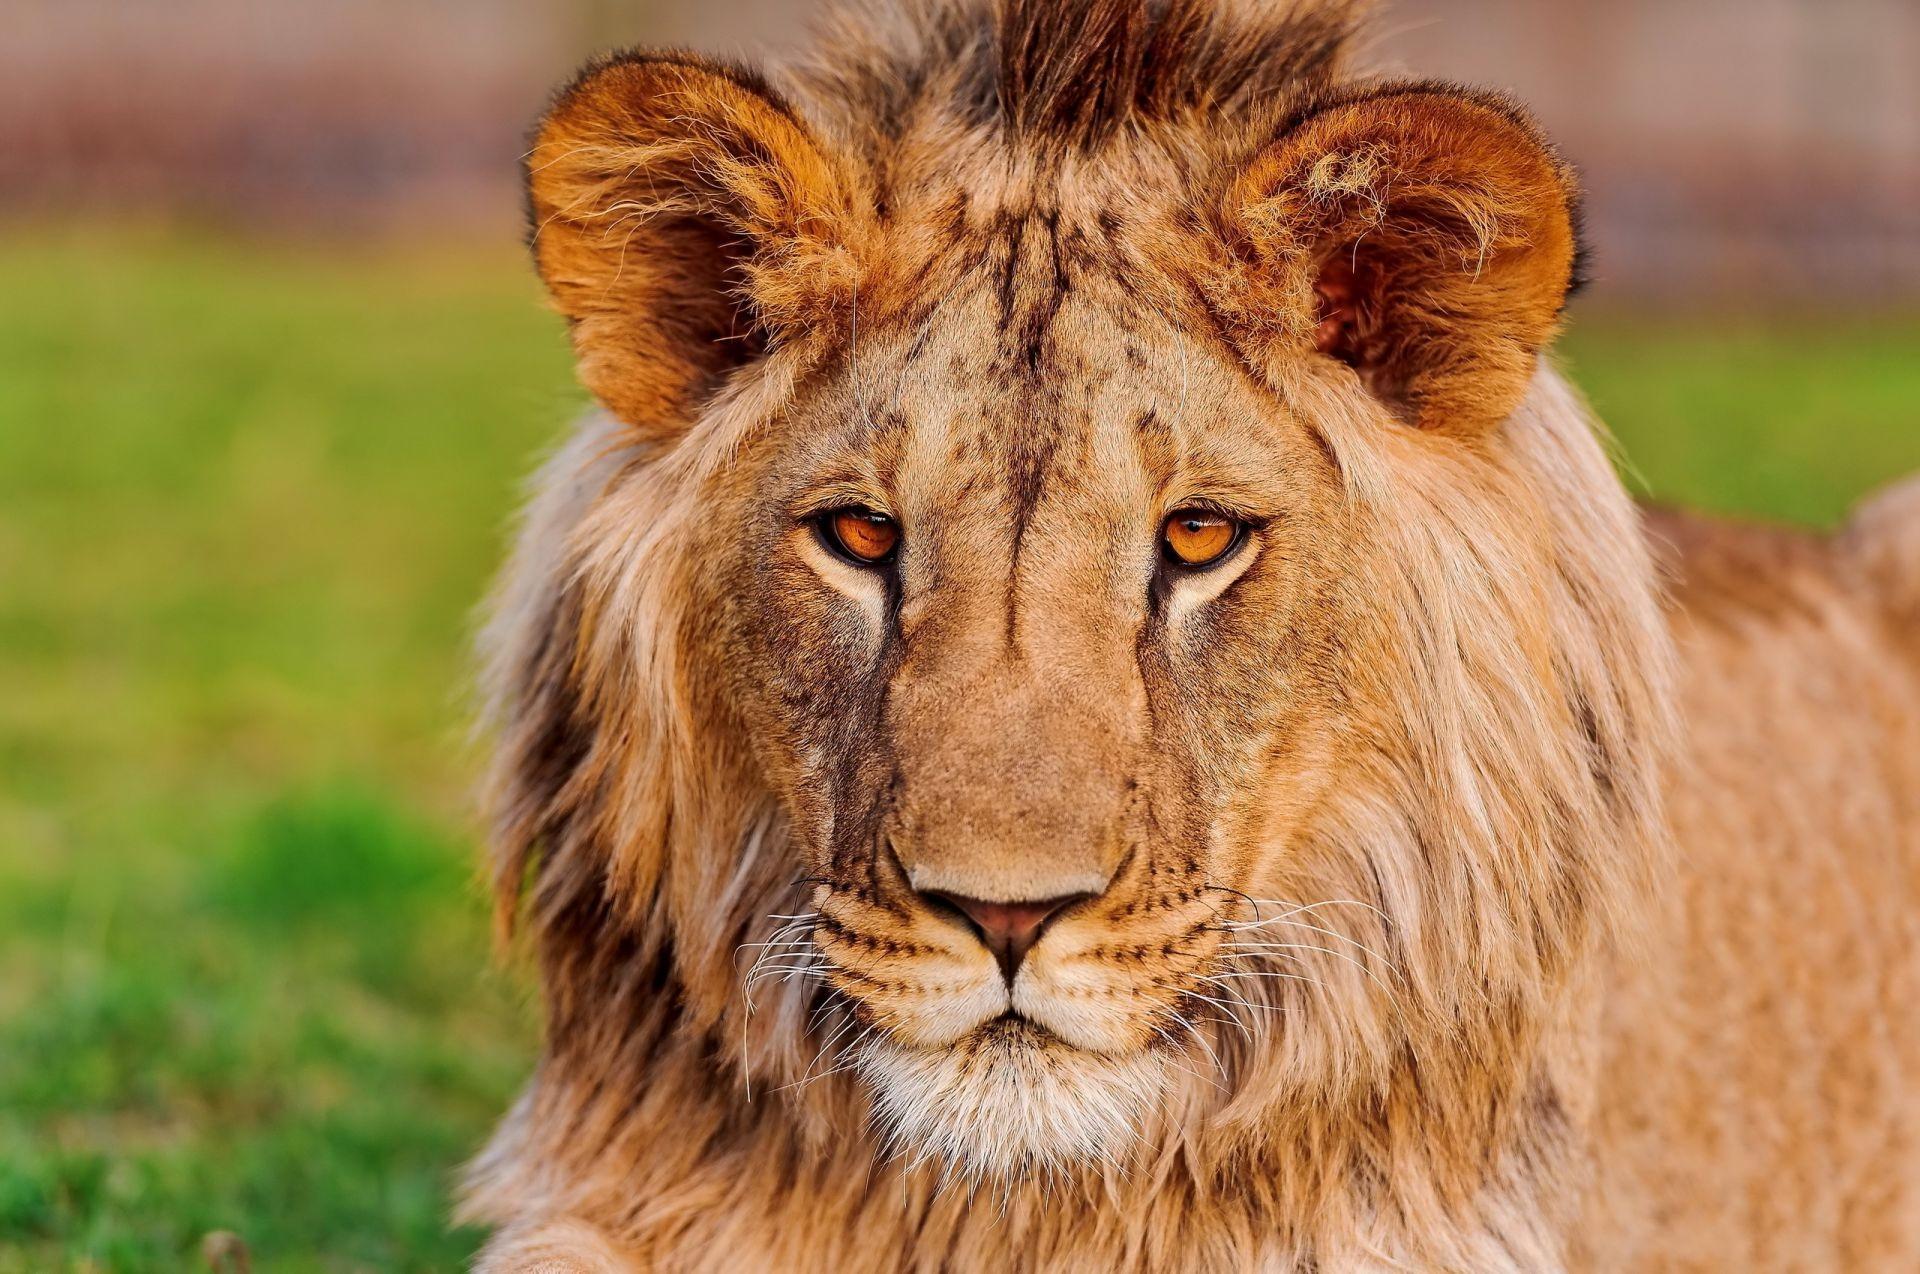 волейболистки хорошая картинка льва надежд второй